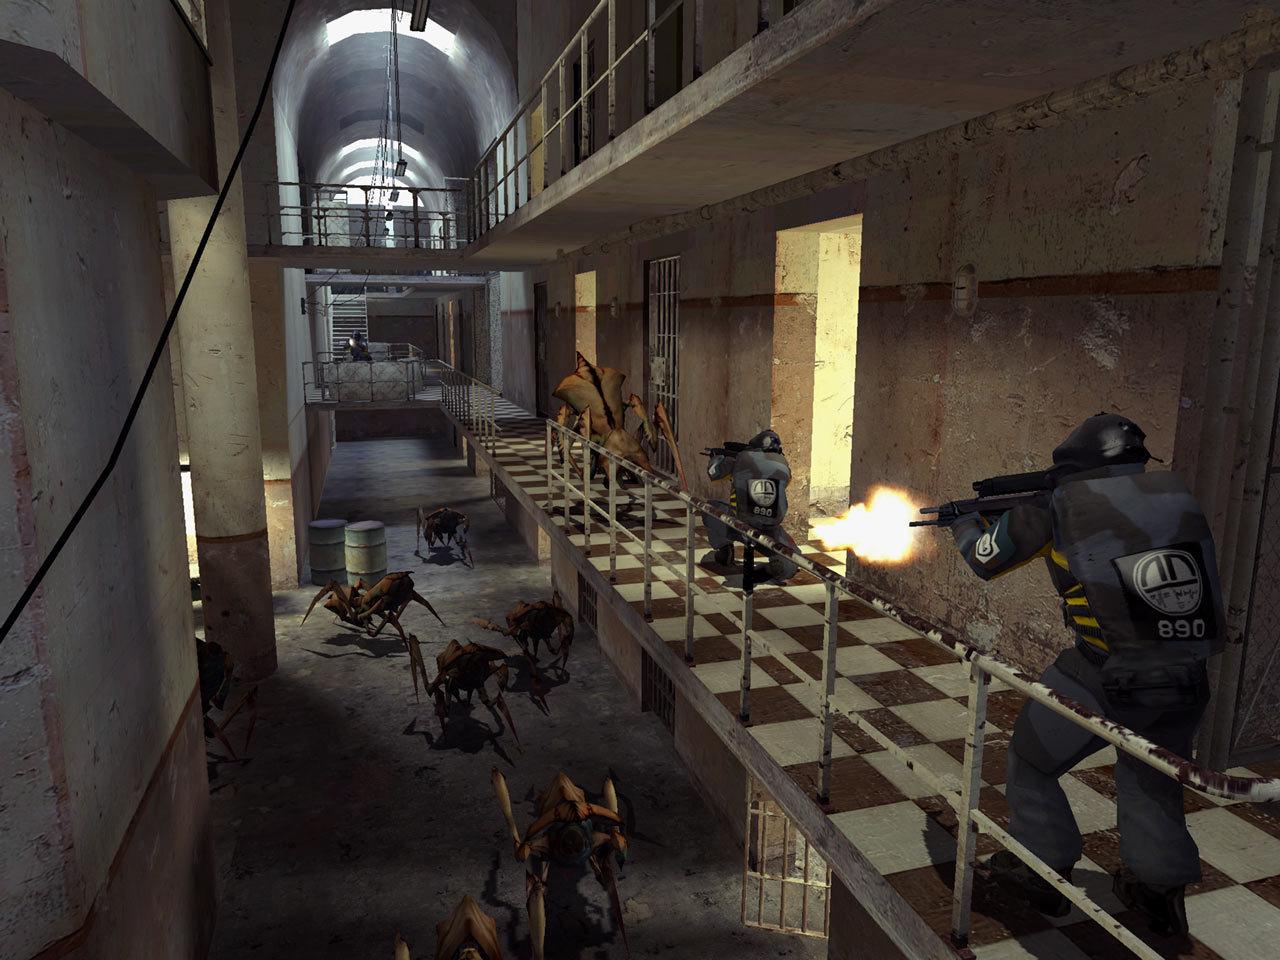 تحميل لعبة هاف لايف 2 للكمبيوتر مجانا من ميديا فاير